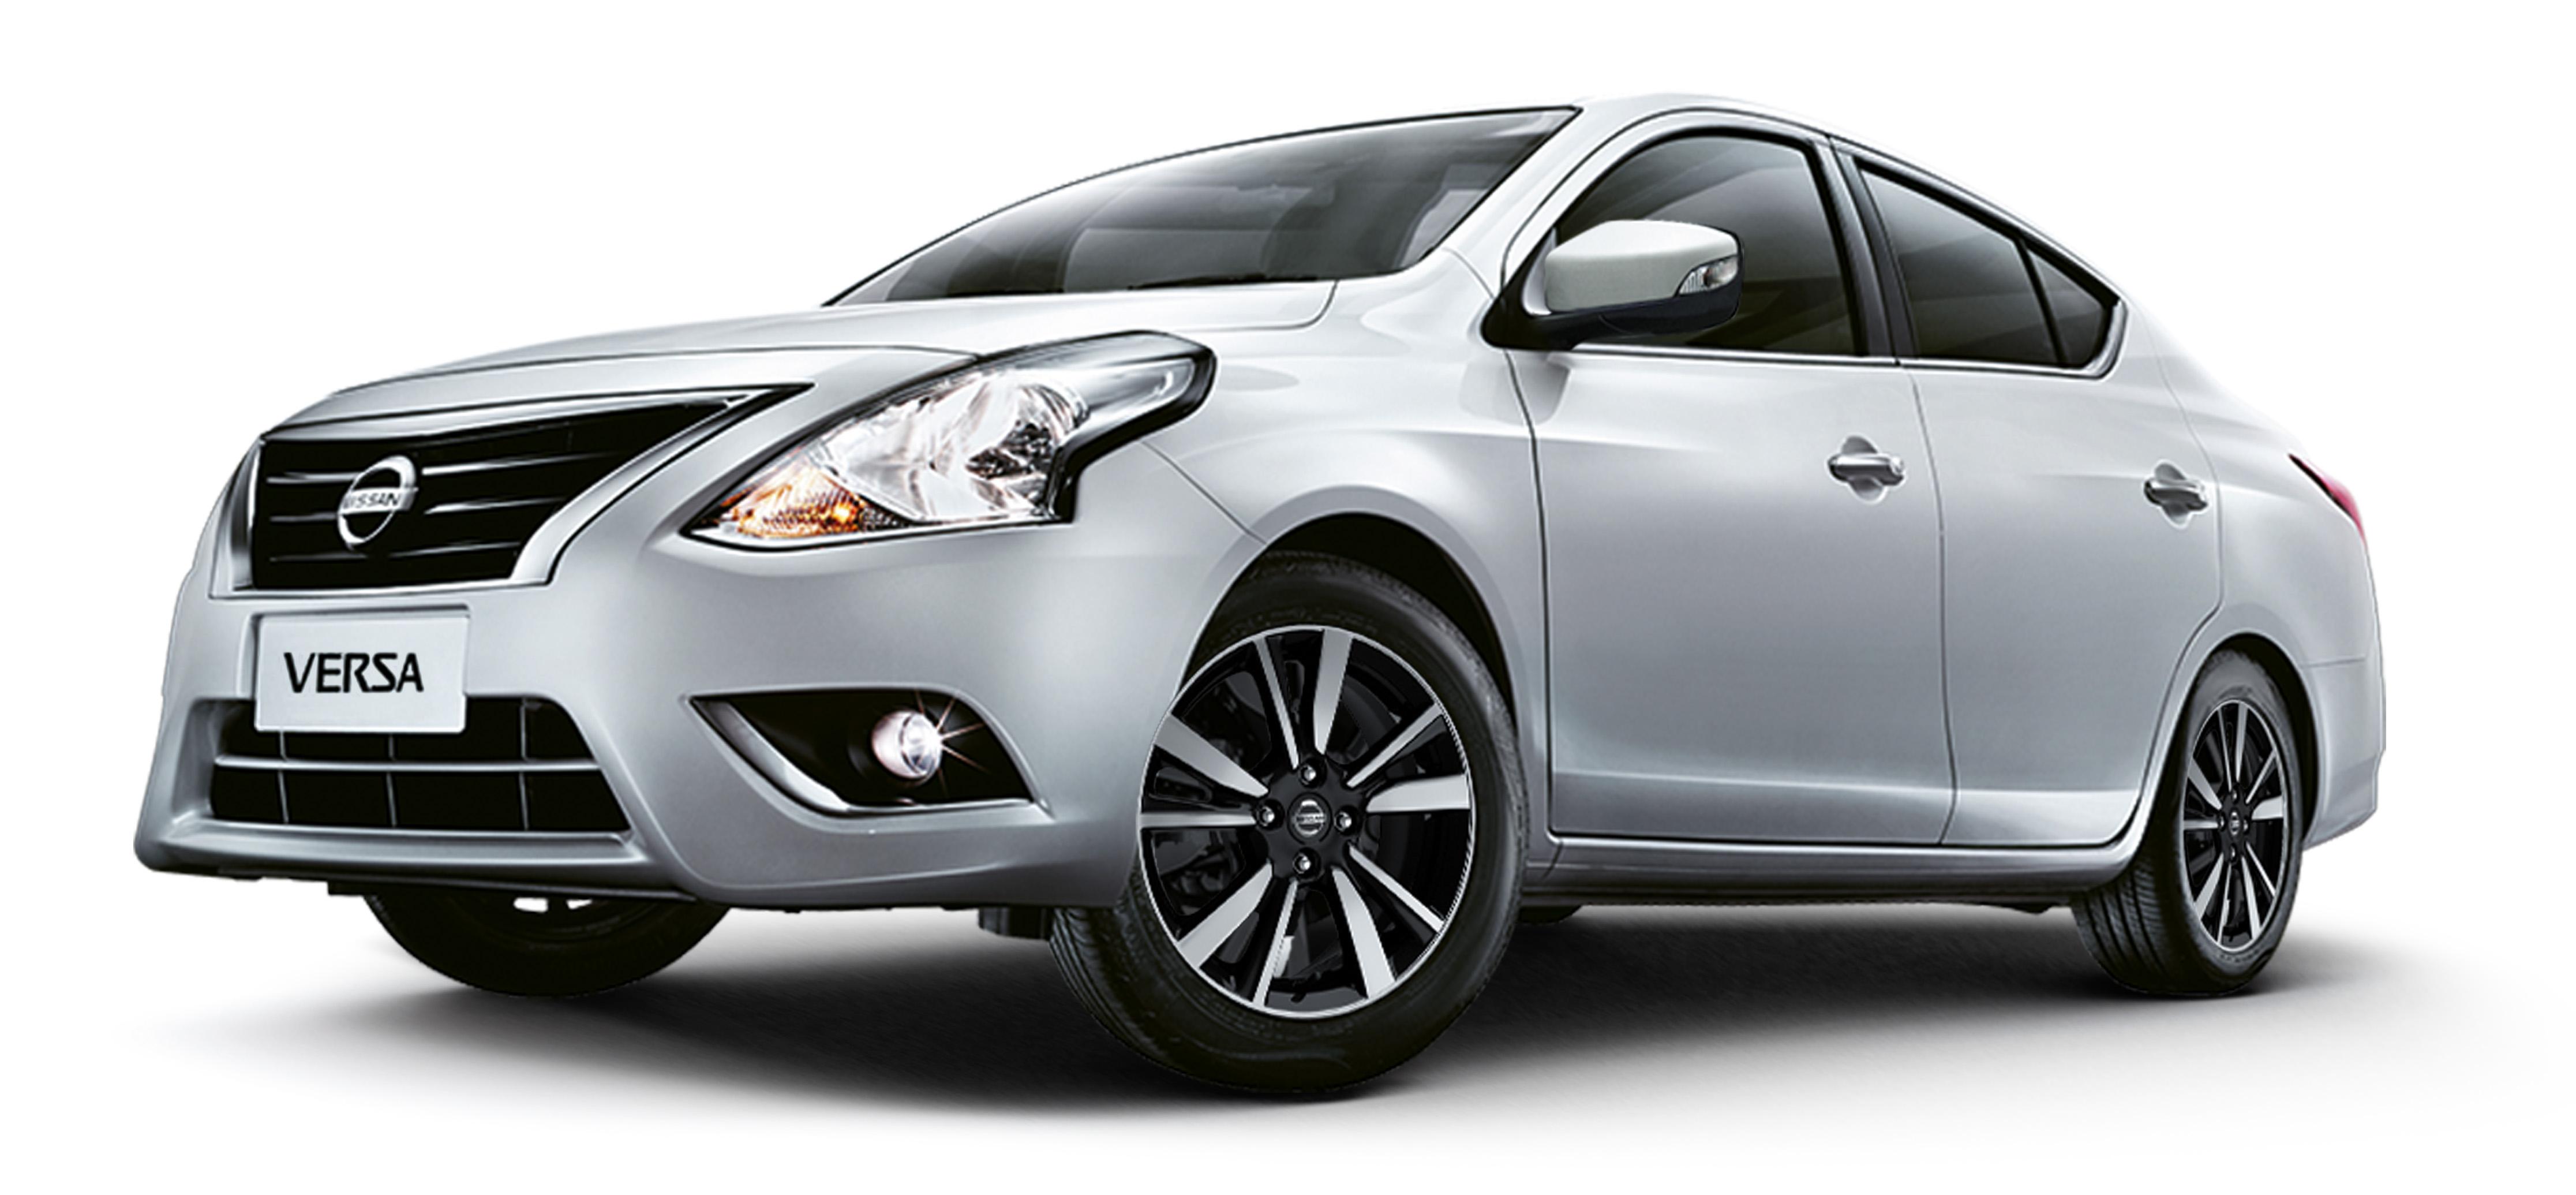 Nissan Versa estreia versão completa e automática com isenções para portadores de necessidades especiais